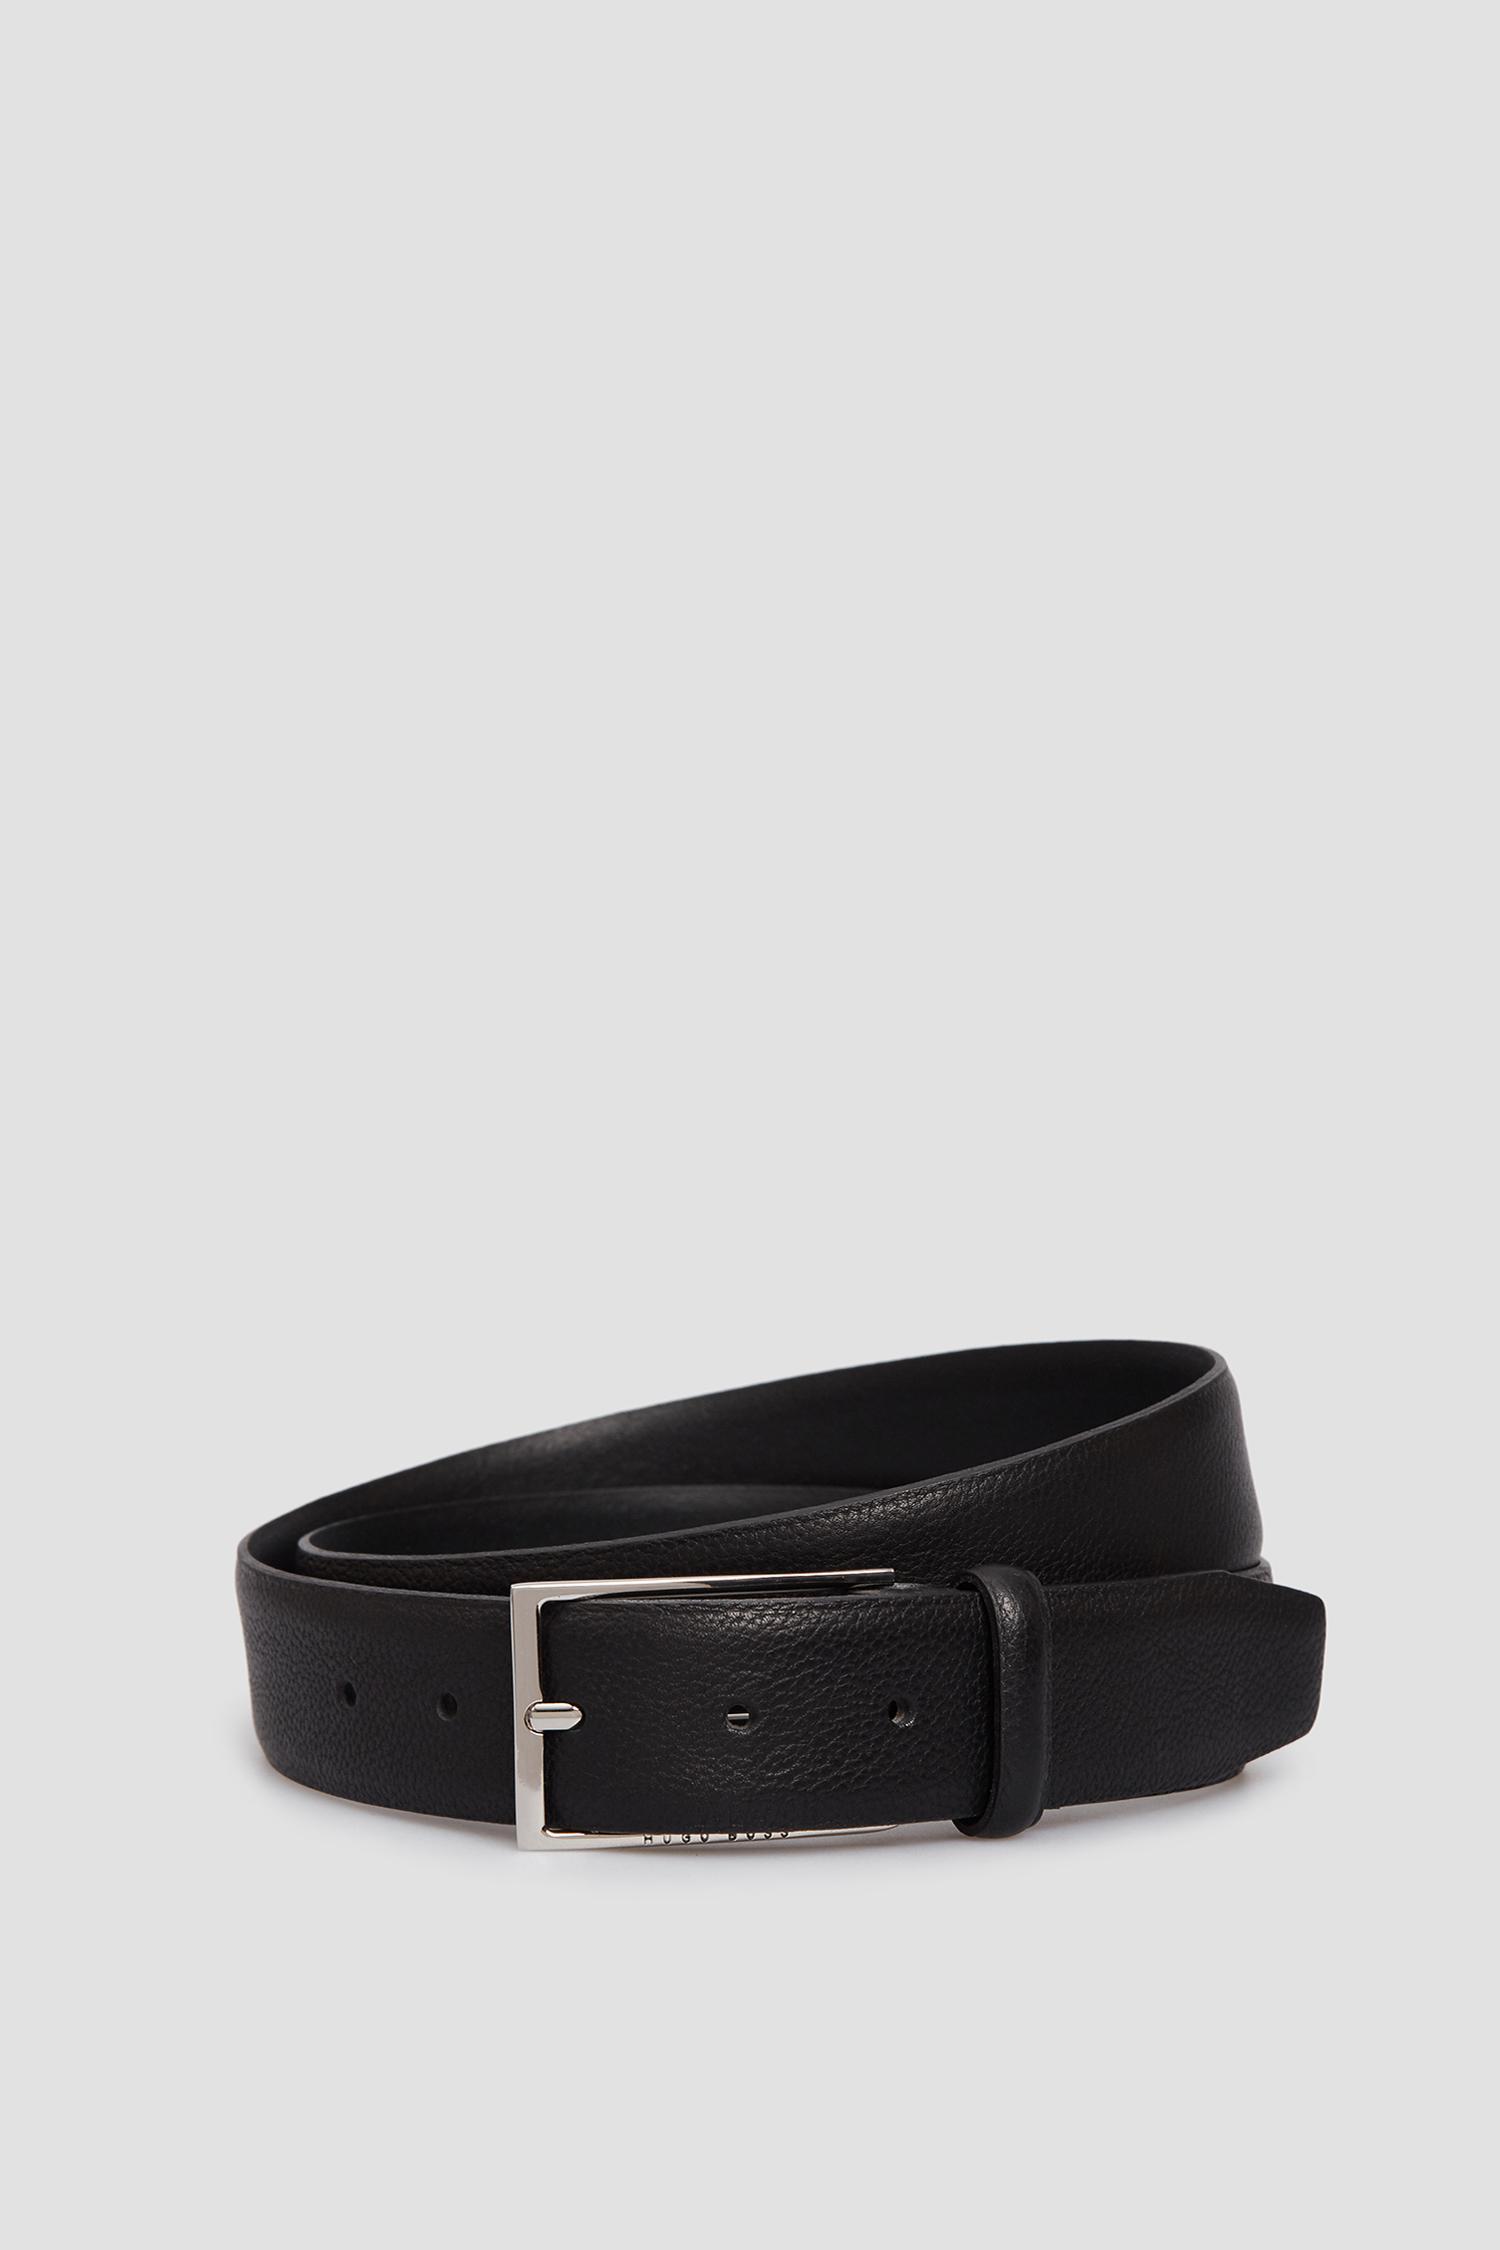 Мужской черный кожаный ремень BOSS 50447129;001